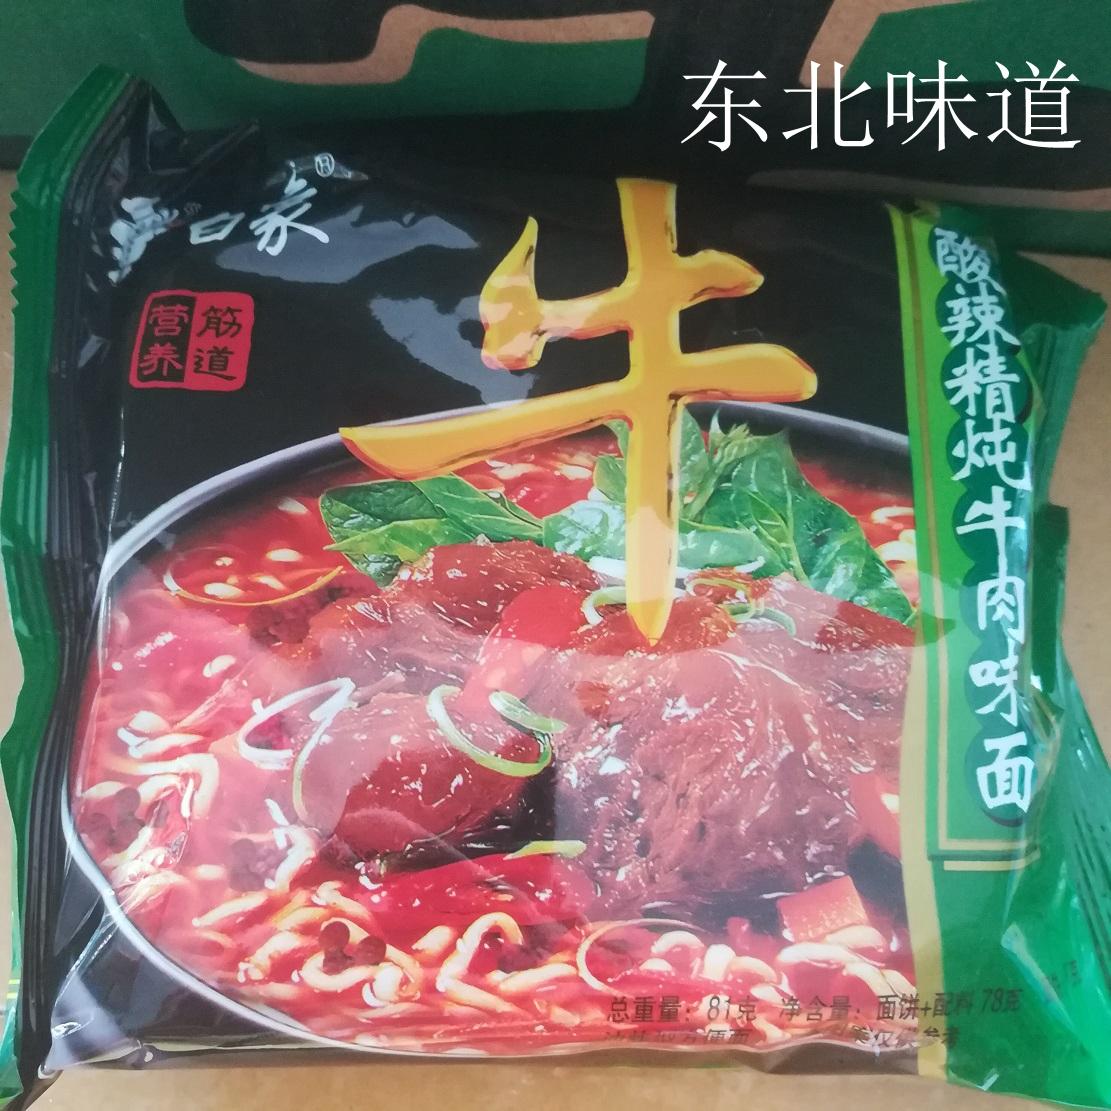 白象方便面30袋 酸辣味东北大骨营养泡面酸辣牛肉味经典怀旧绿袋